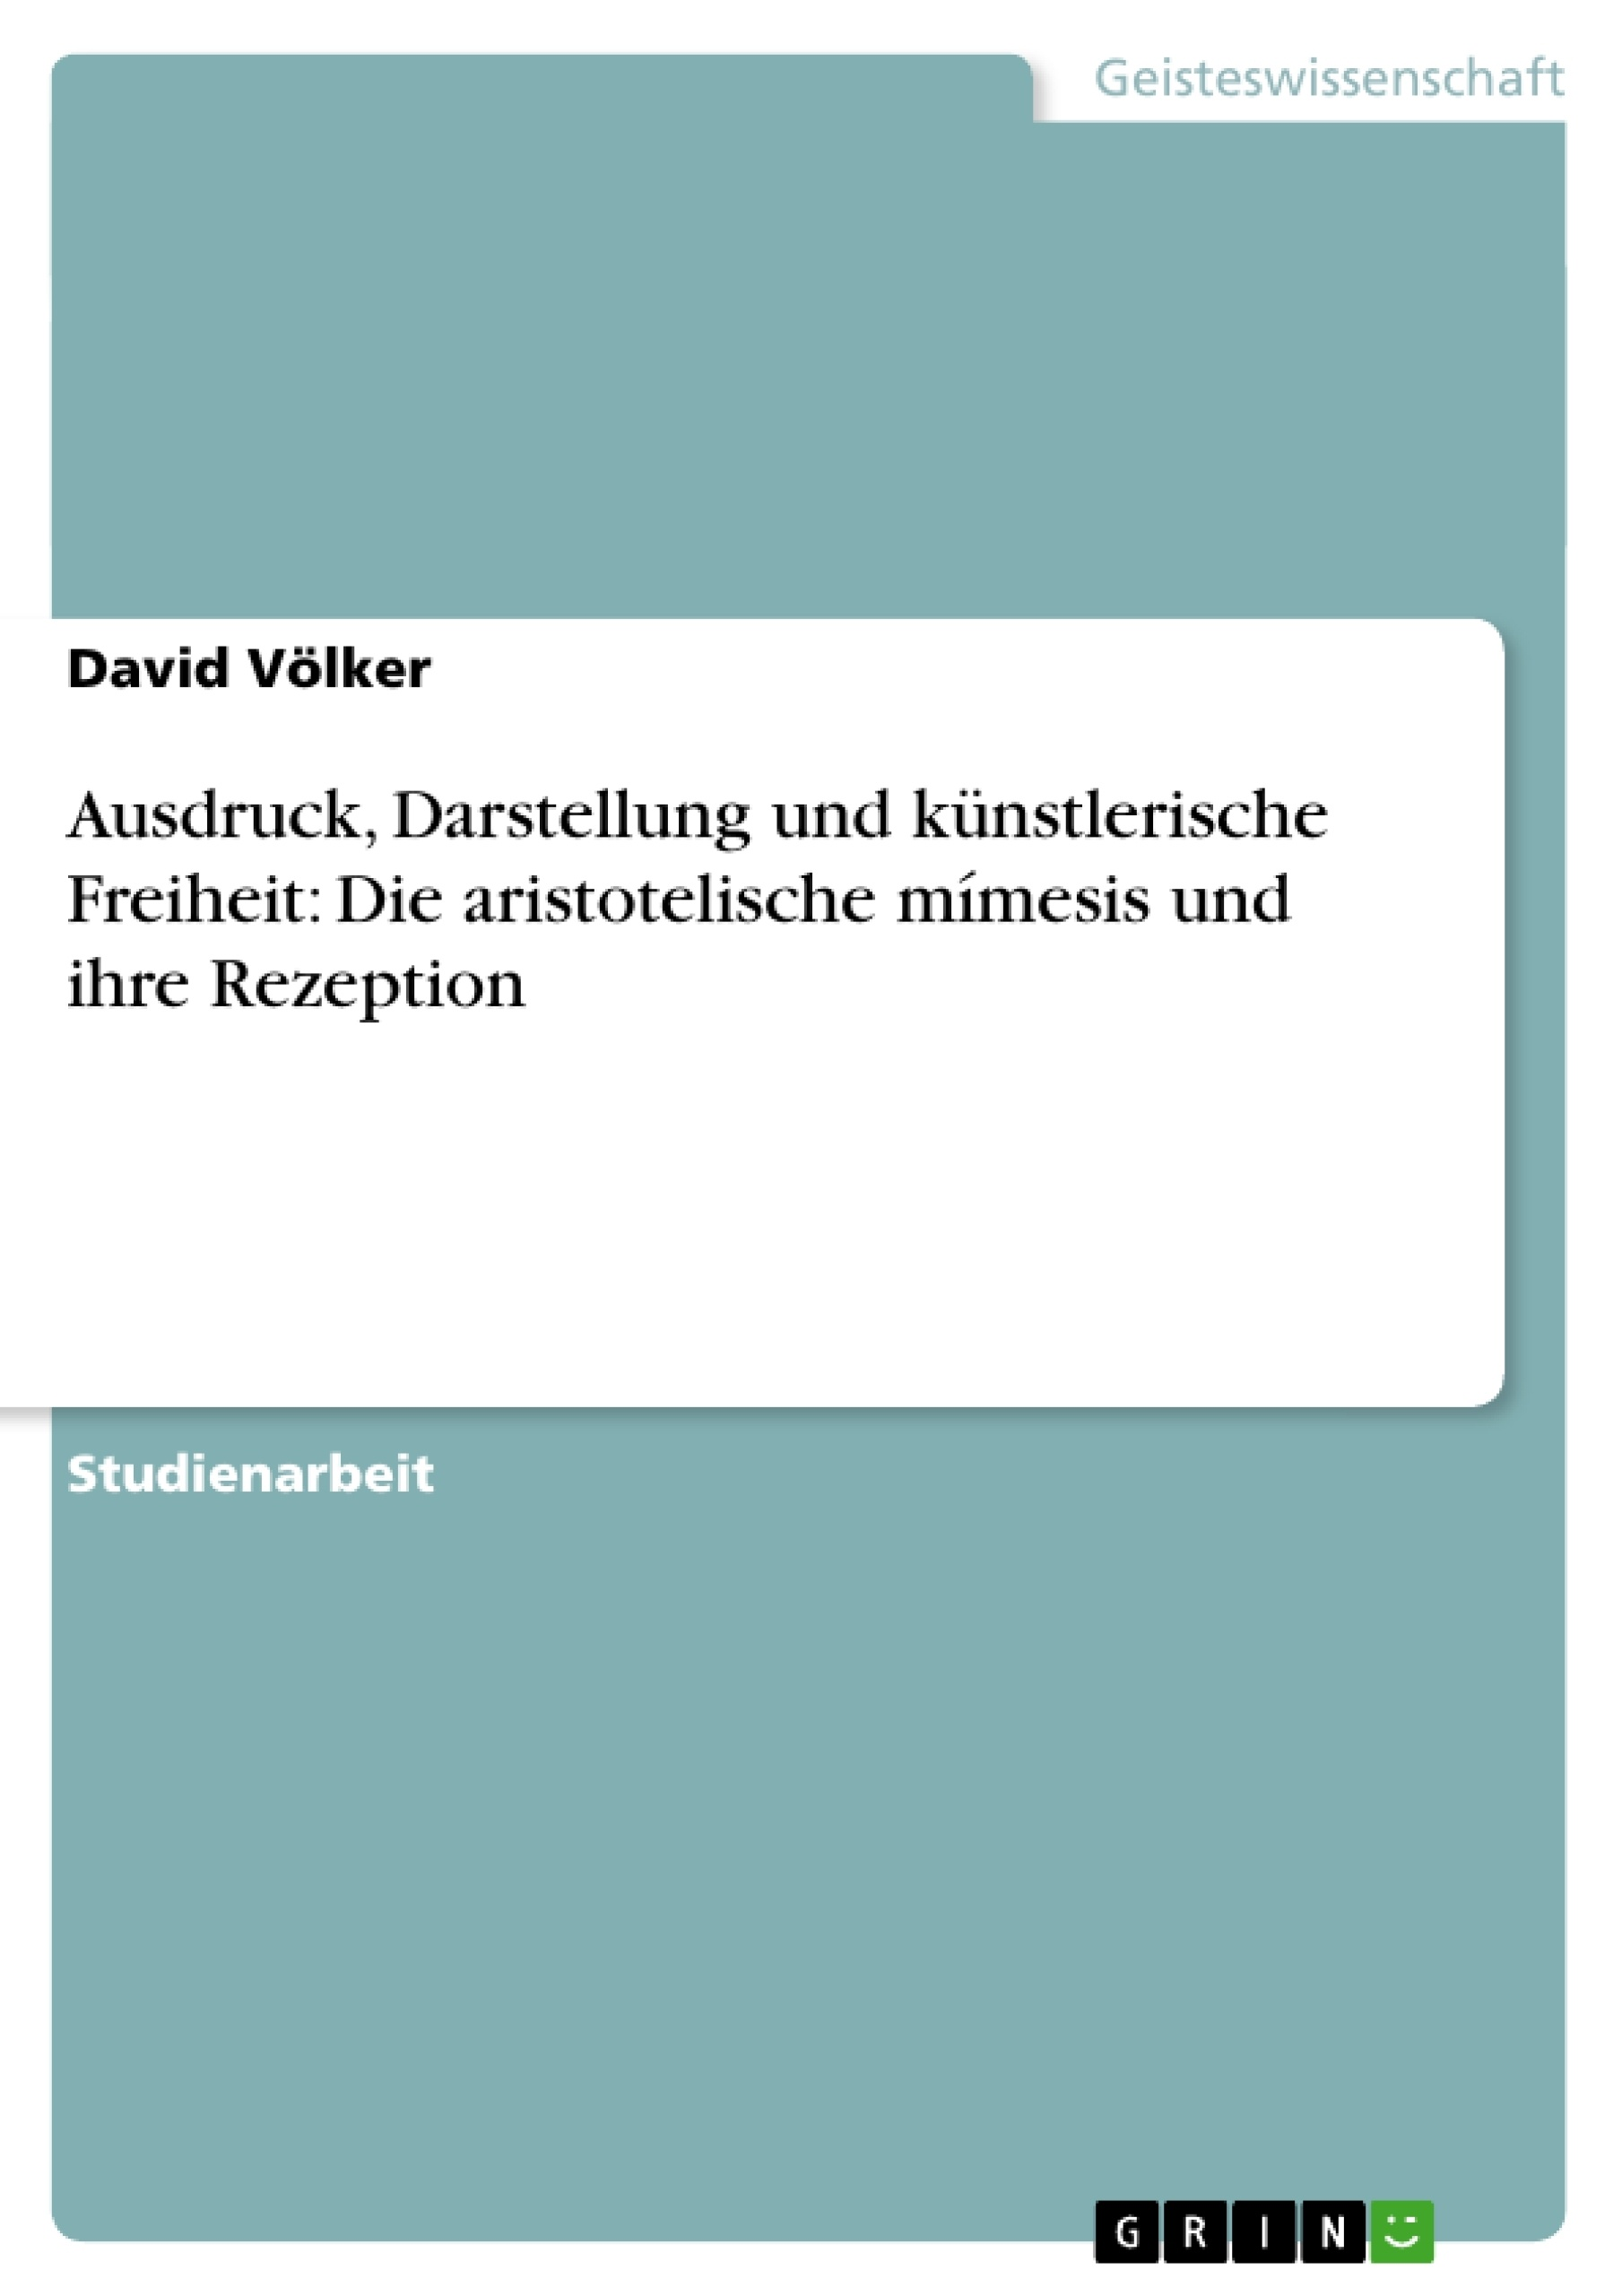 Titel: Ausdruck, Darstellung und künstlerische Freiheit: Die aristotelische mímesis und ihre Rezeption